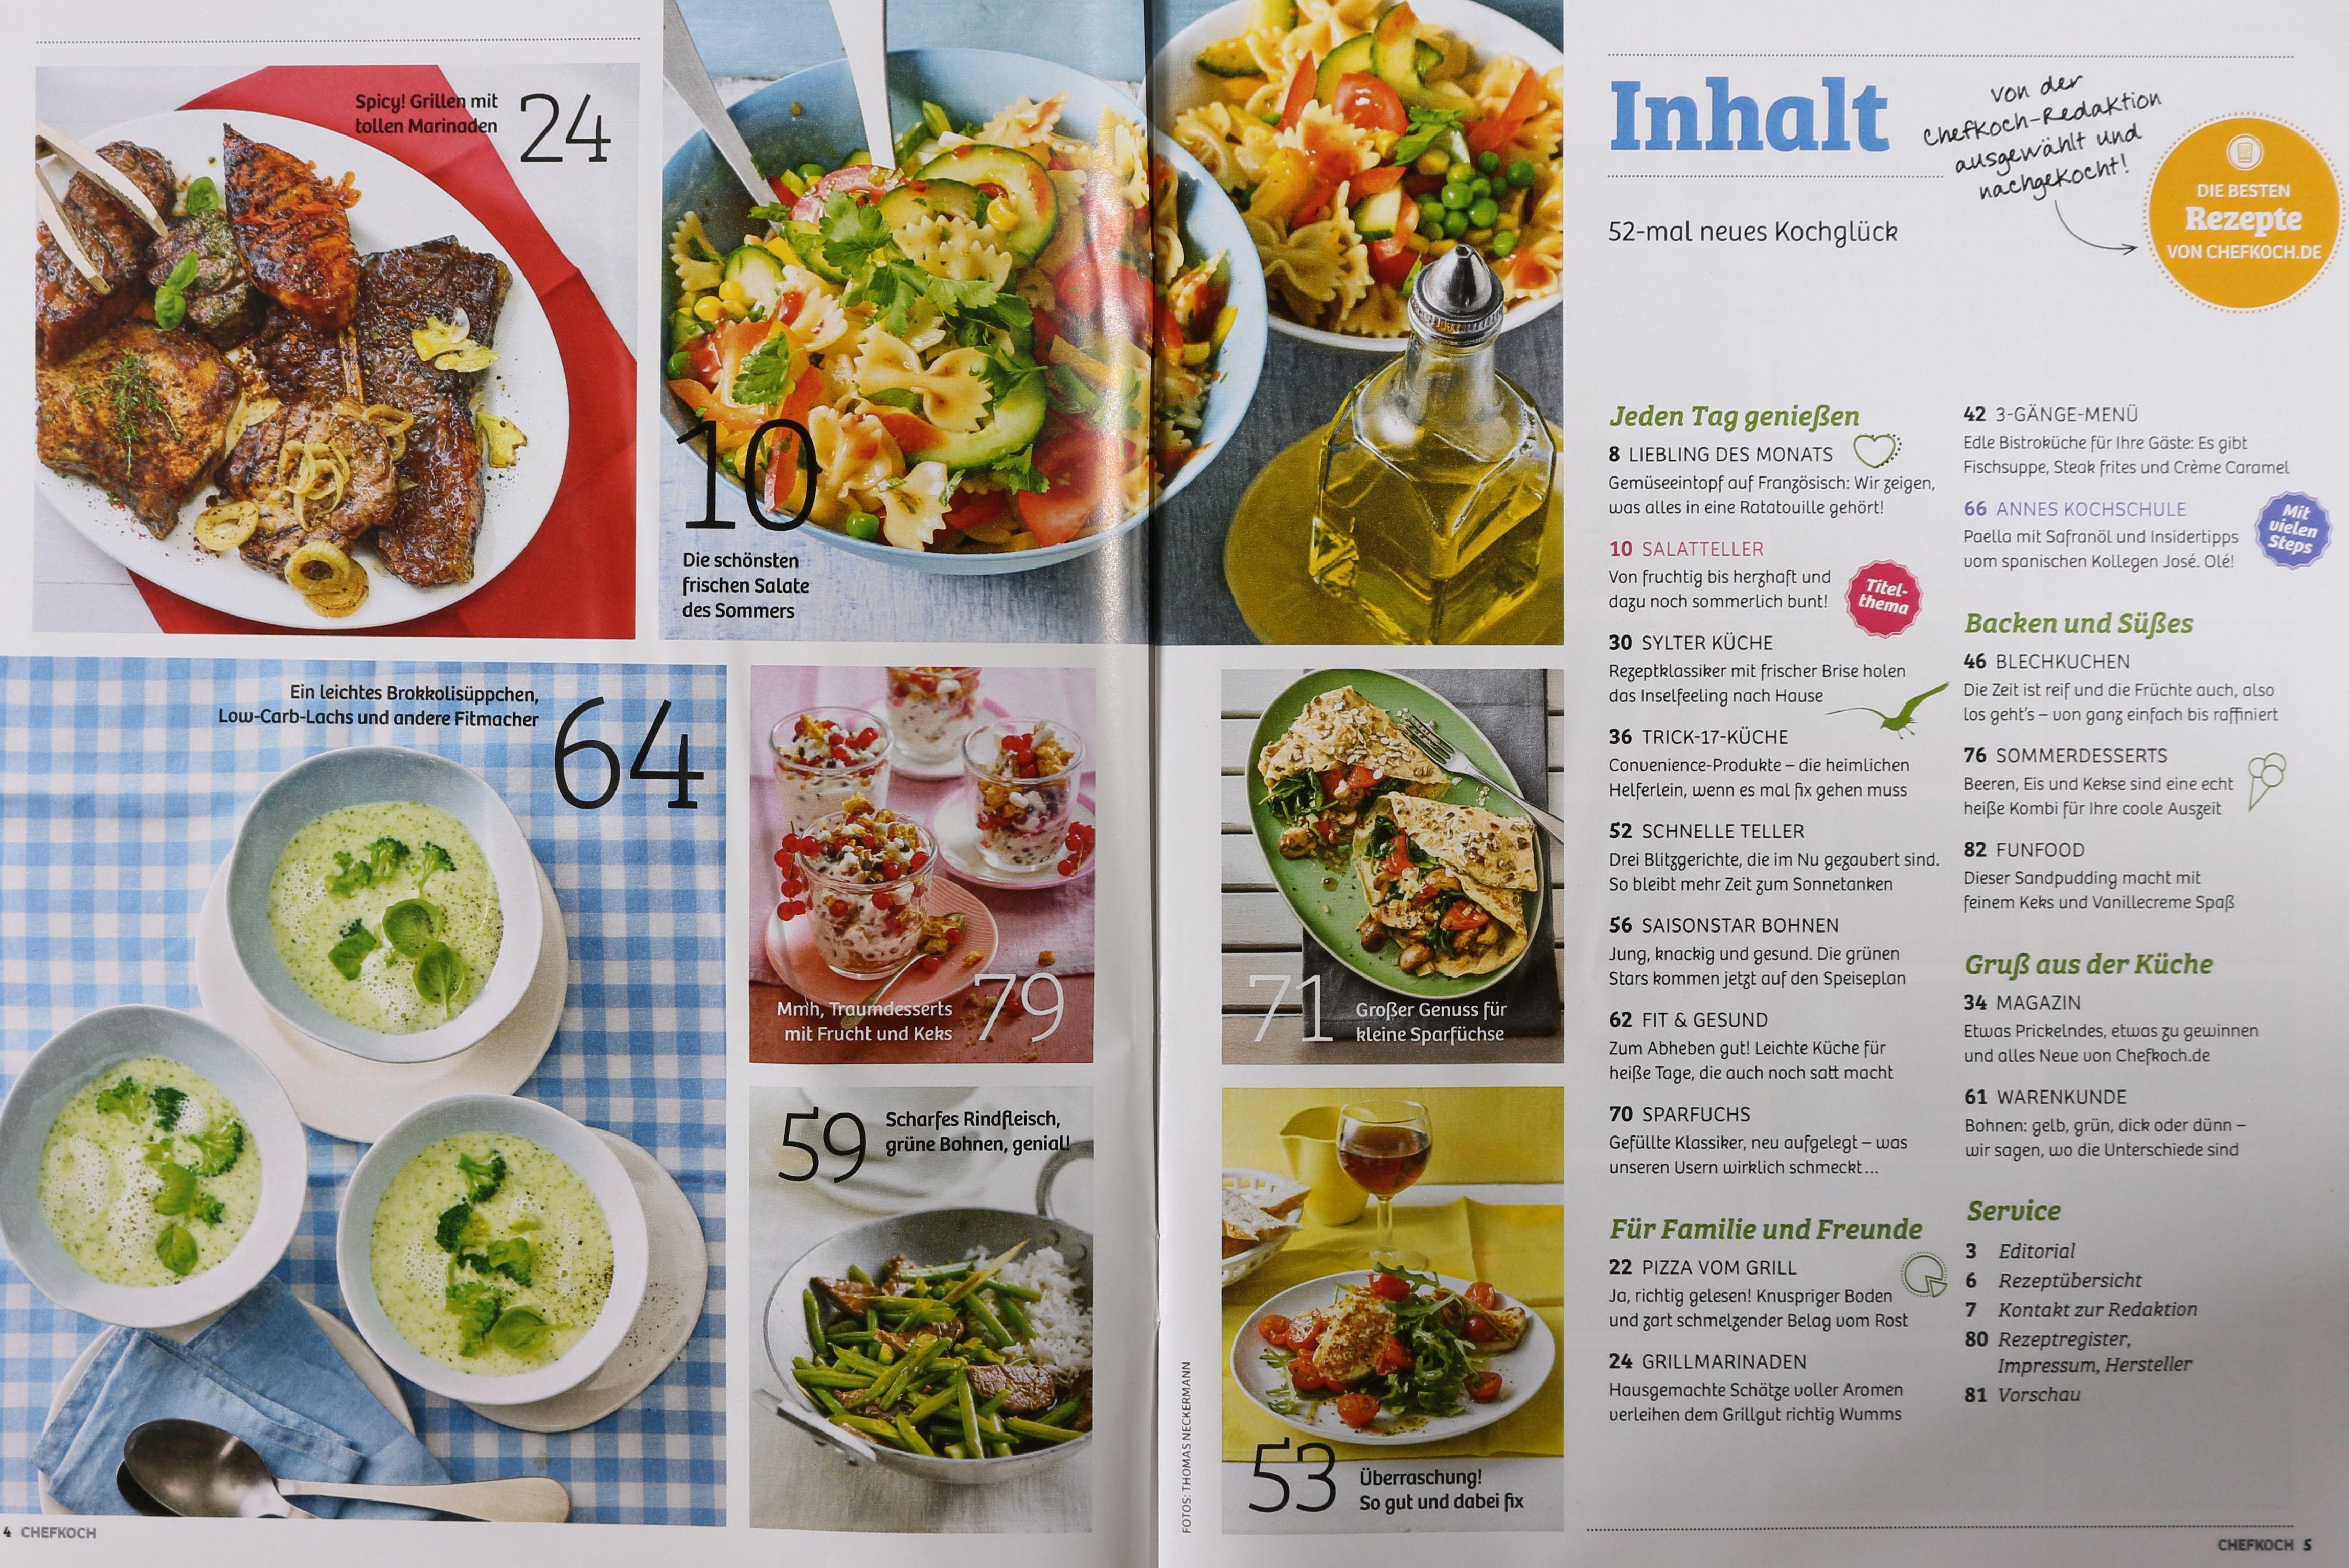 Sommerküche Chefkoch : Leichte sommerküche chefkoch leichte sommergerichte für bewusste